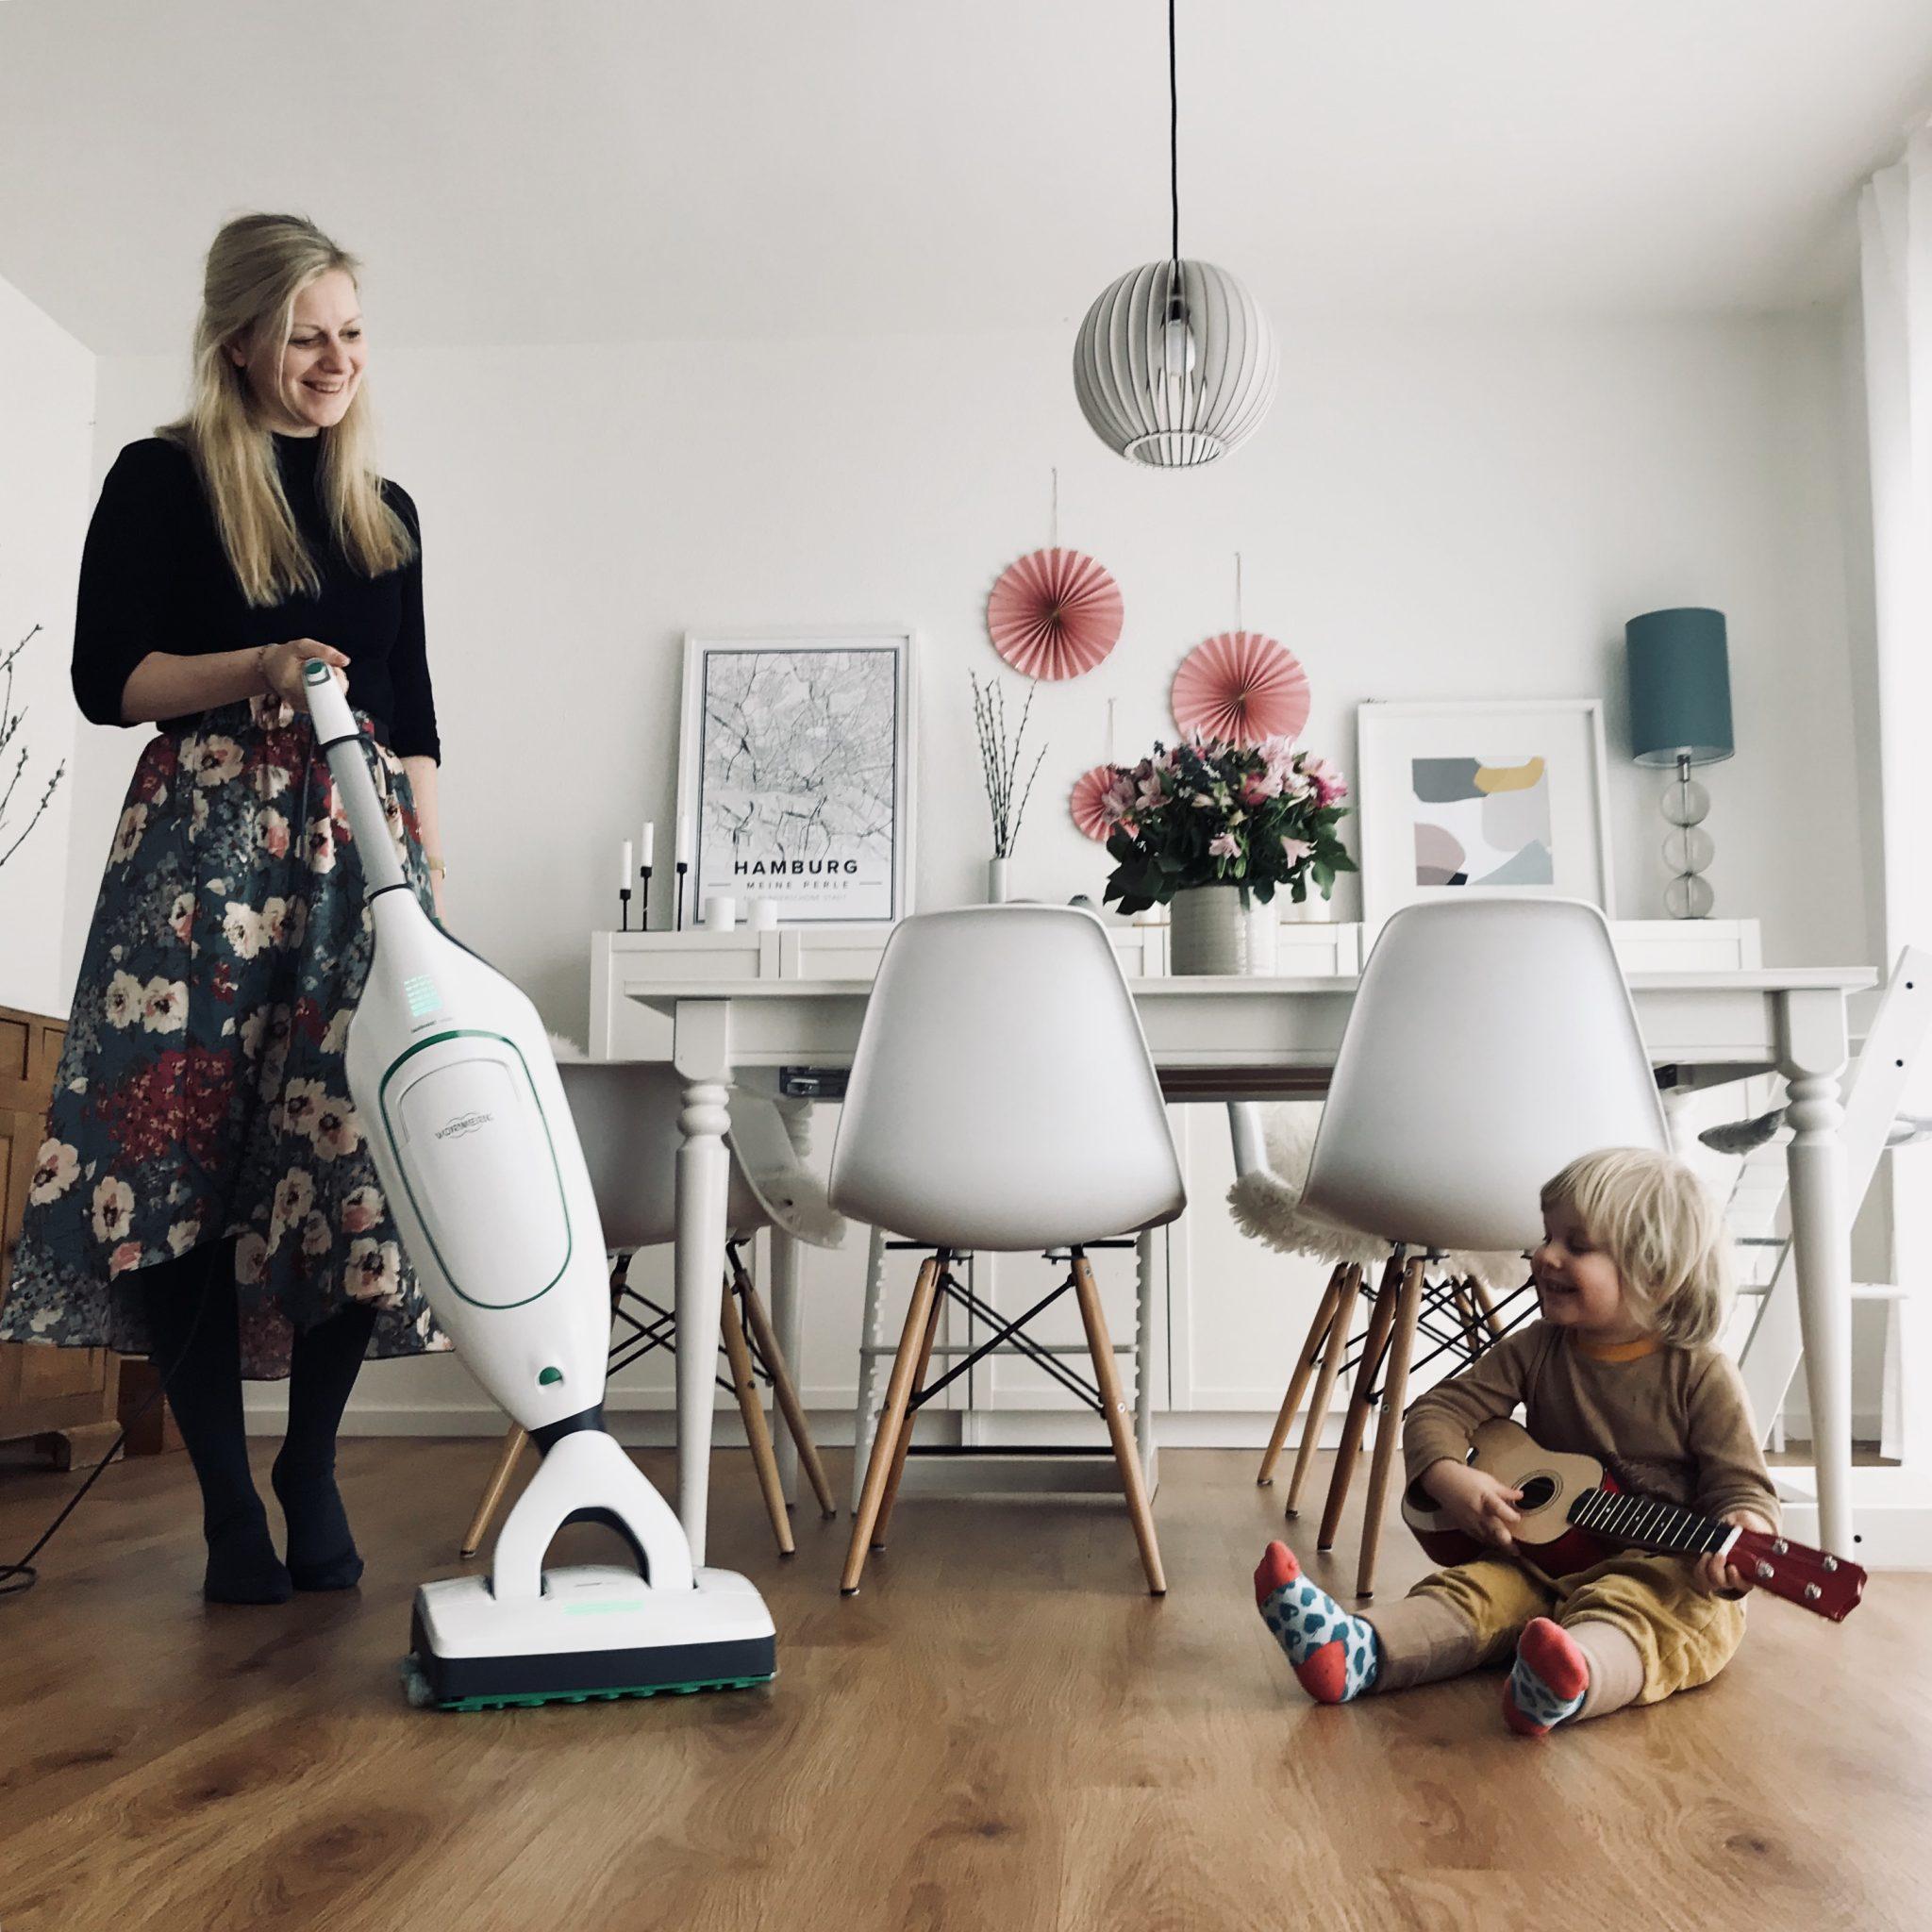 leben mit kindern hei t schmutzm ig ja leben am limit. Black Bedroom Furniture Sets. Home Design Ideas